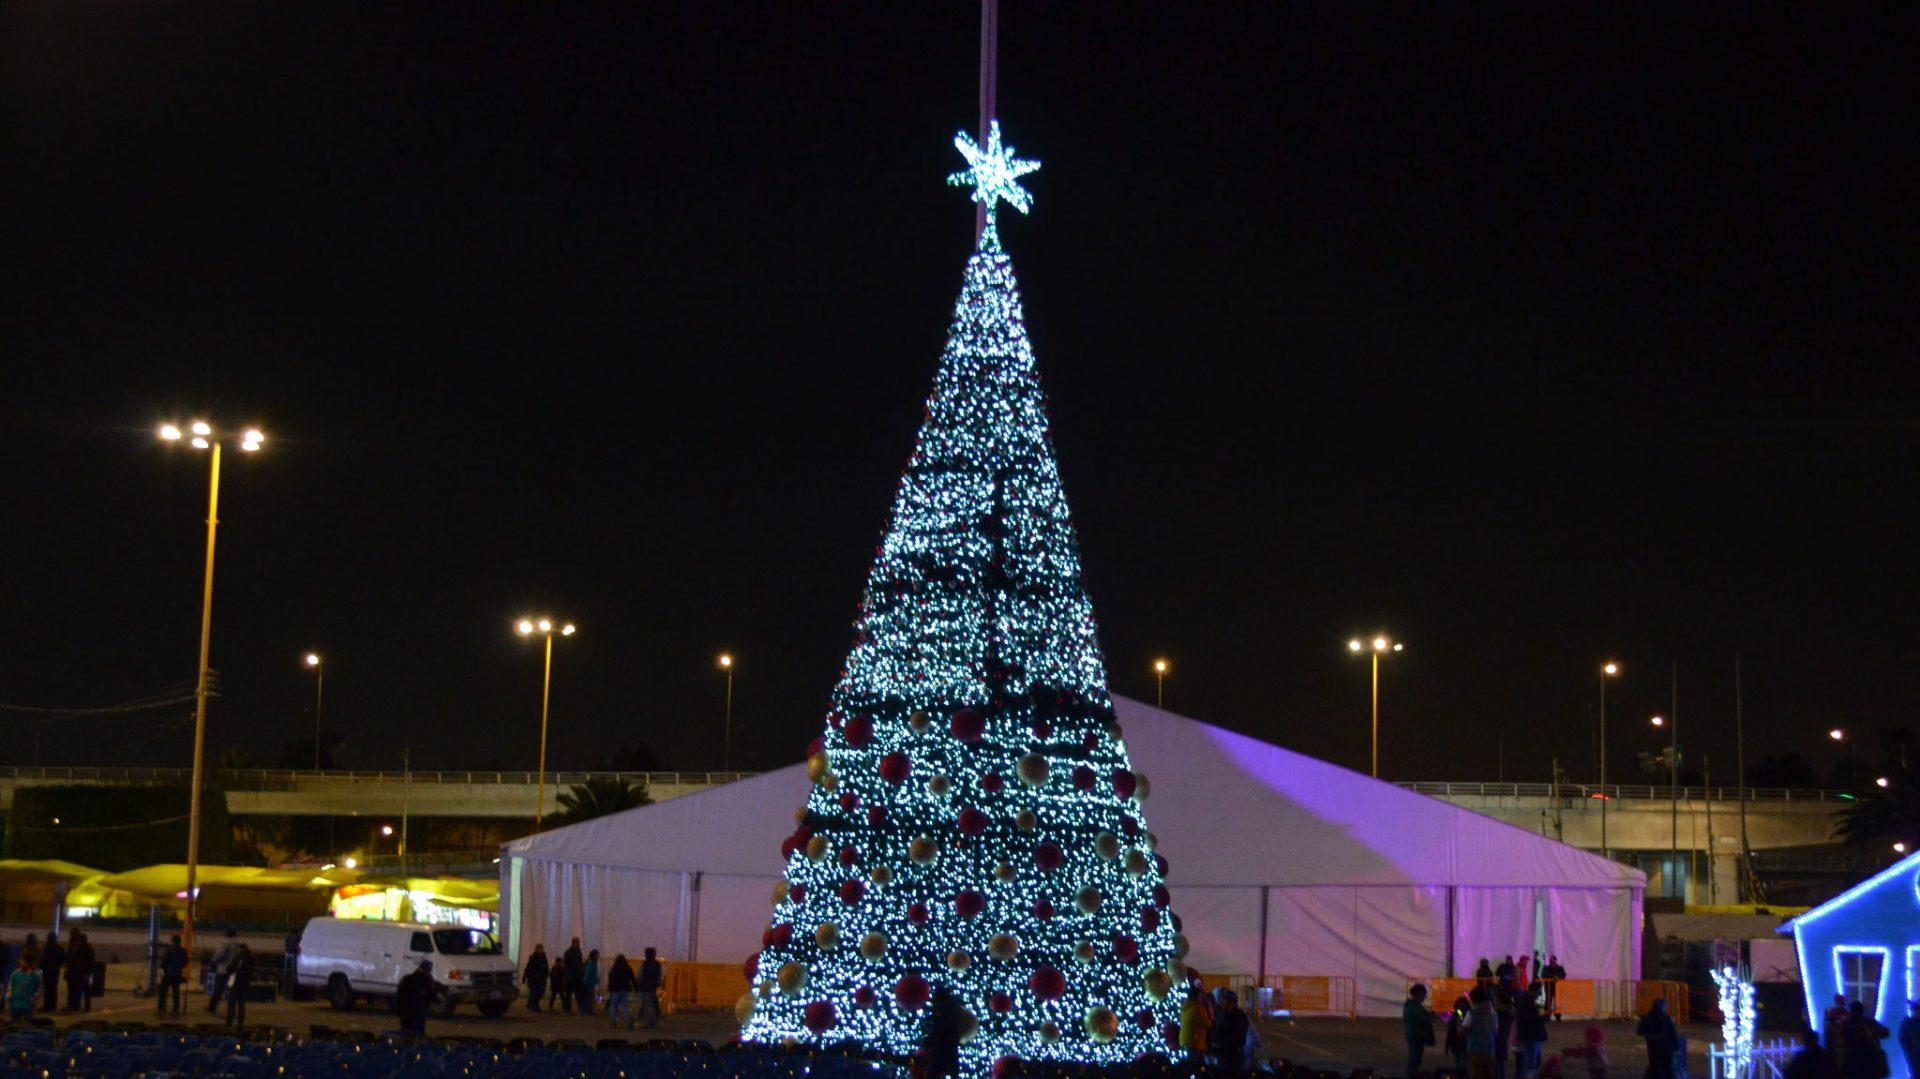 Viva decoracion navide a bienvenidos - Decoracion navidena exterior ...